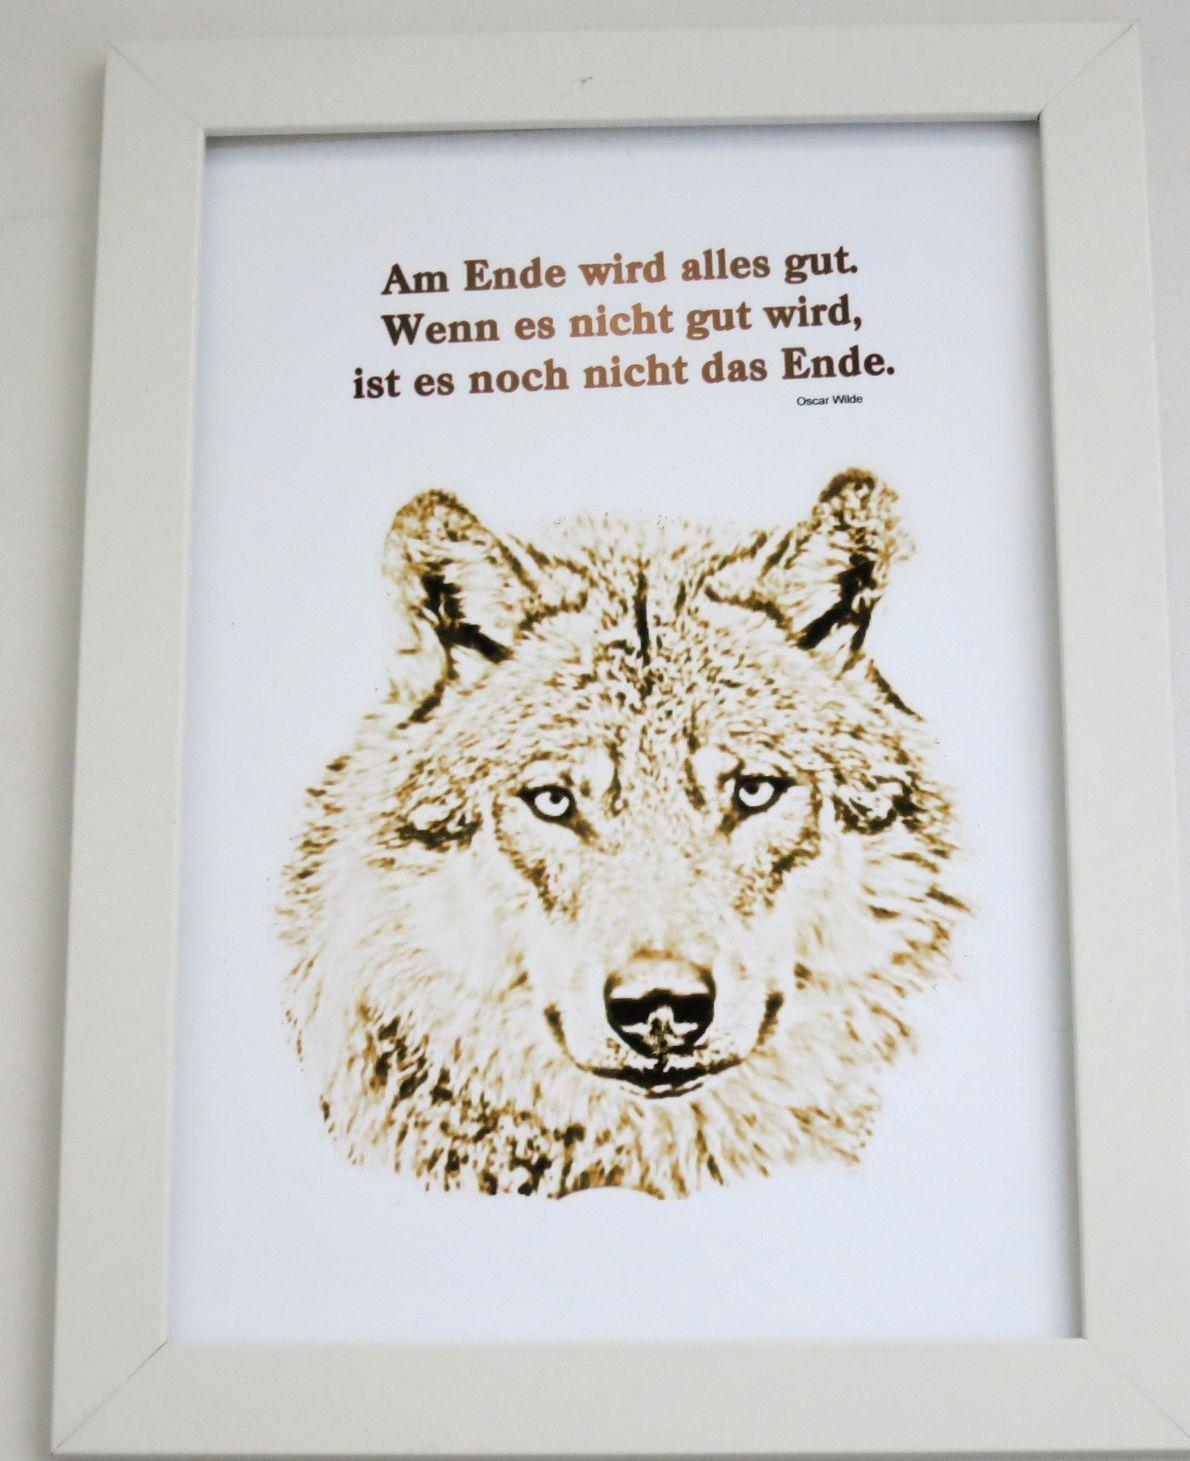 Kunstdruck, Wandbild, Wolf mit Spruch - Kreawusel-handmade